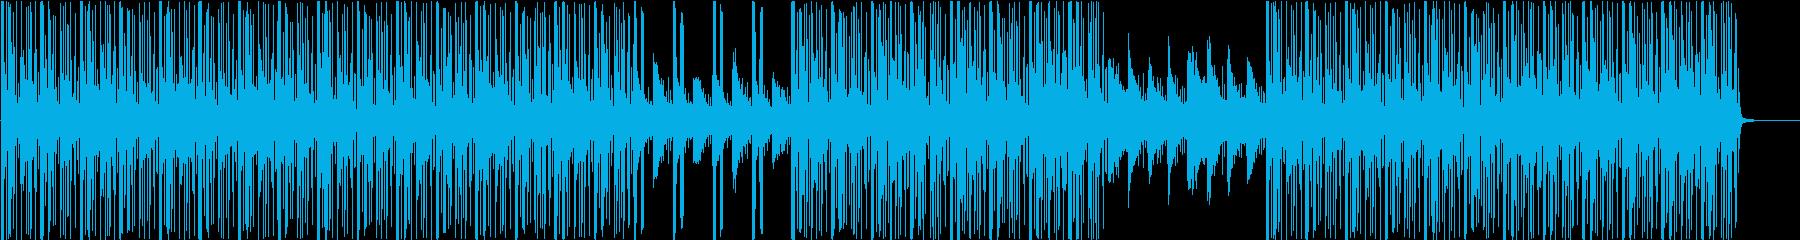 ゲームにも最適なエスニック系BGMの再生済みの波形